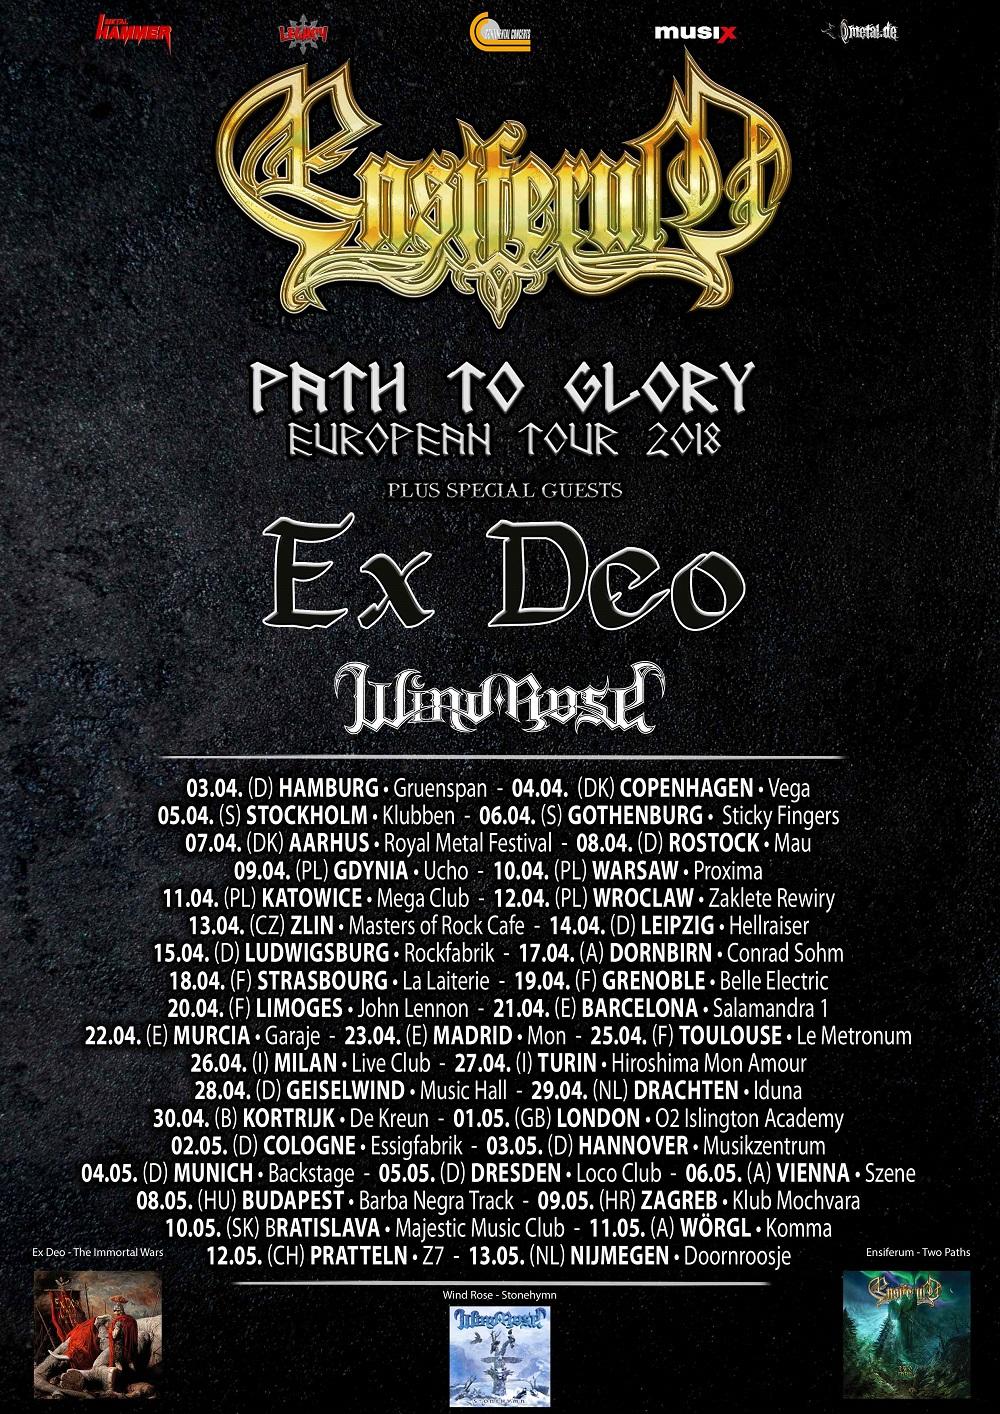 Bild Ensiferum Path To Glory Tour - Poster